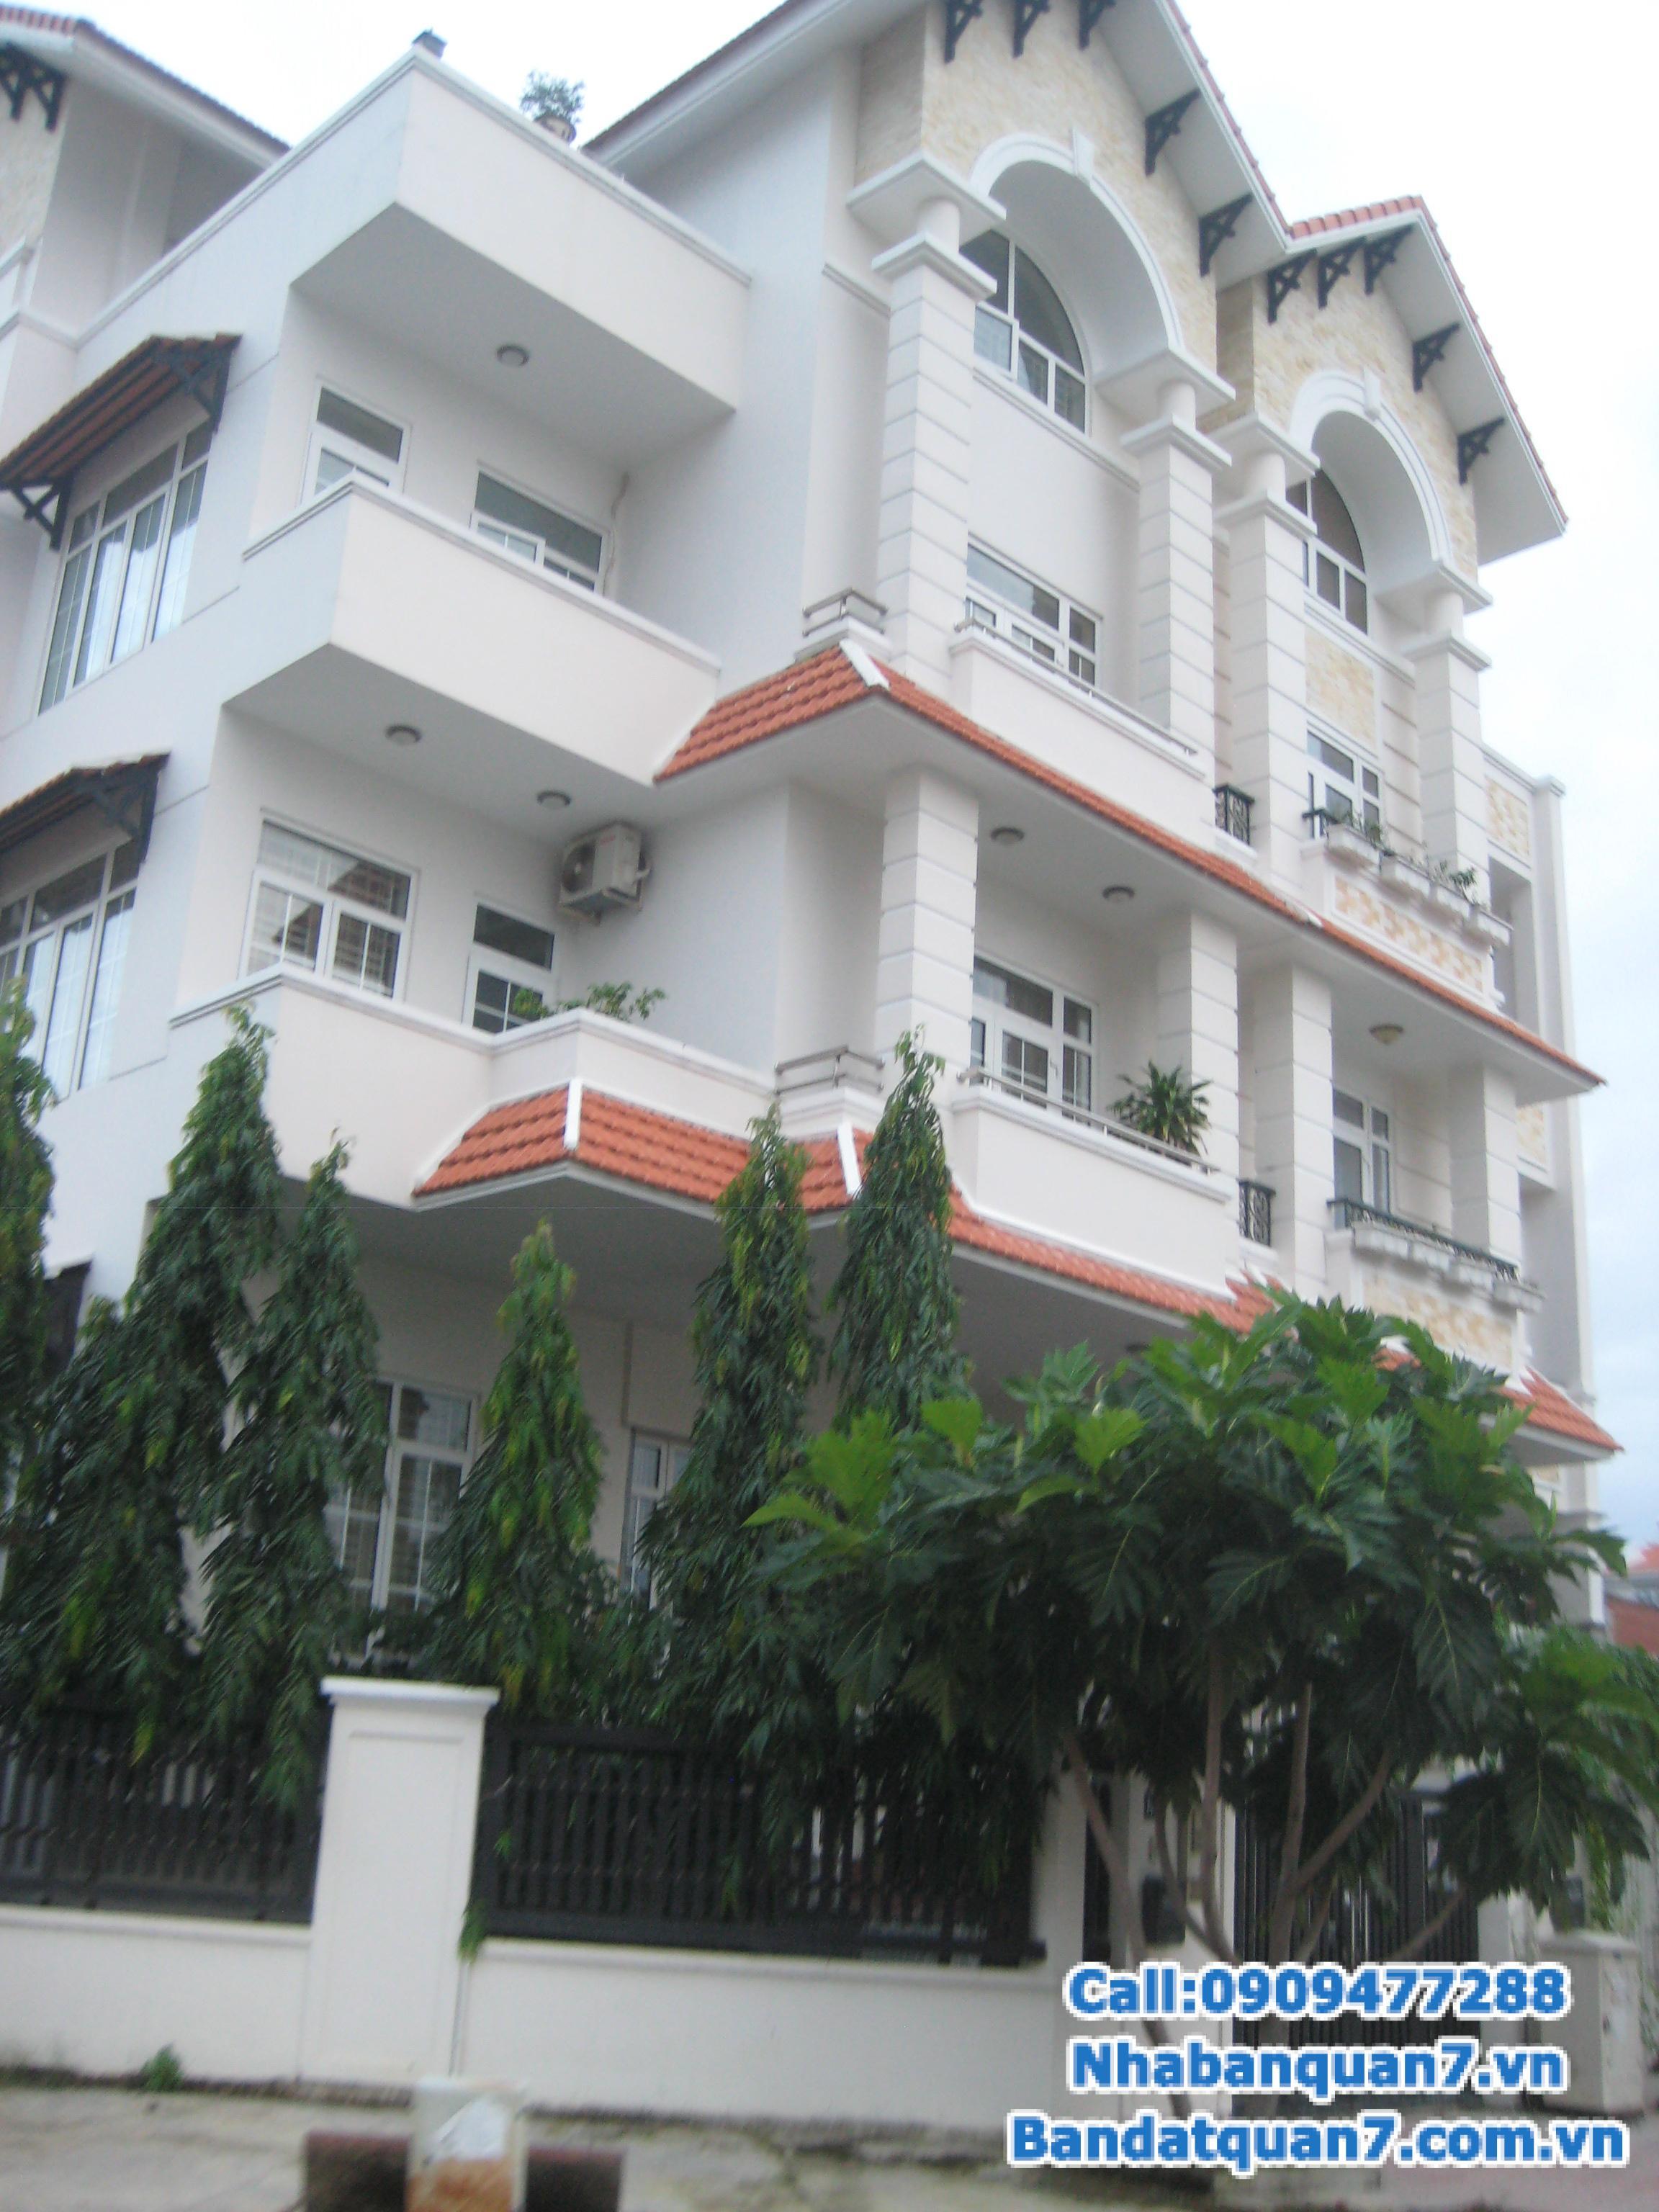 Kẹt tiền cần bán gấp biệt thự Him Lam Kênh Tẻ, J1 góc 2 mặt tiền đối diện hồ sinh thái, chỉ 21 tỷ